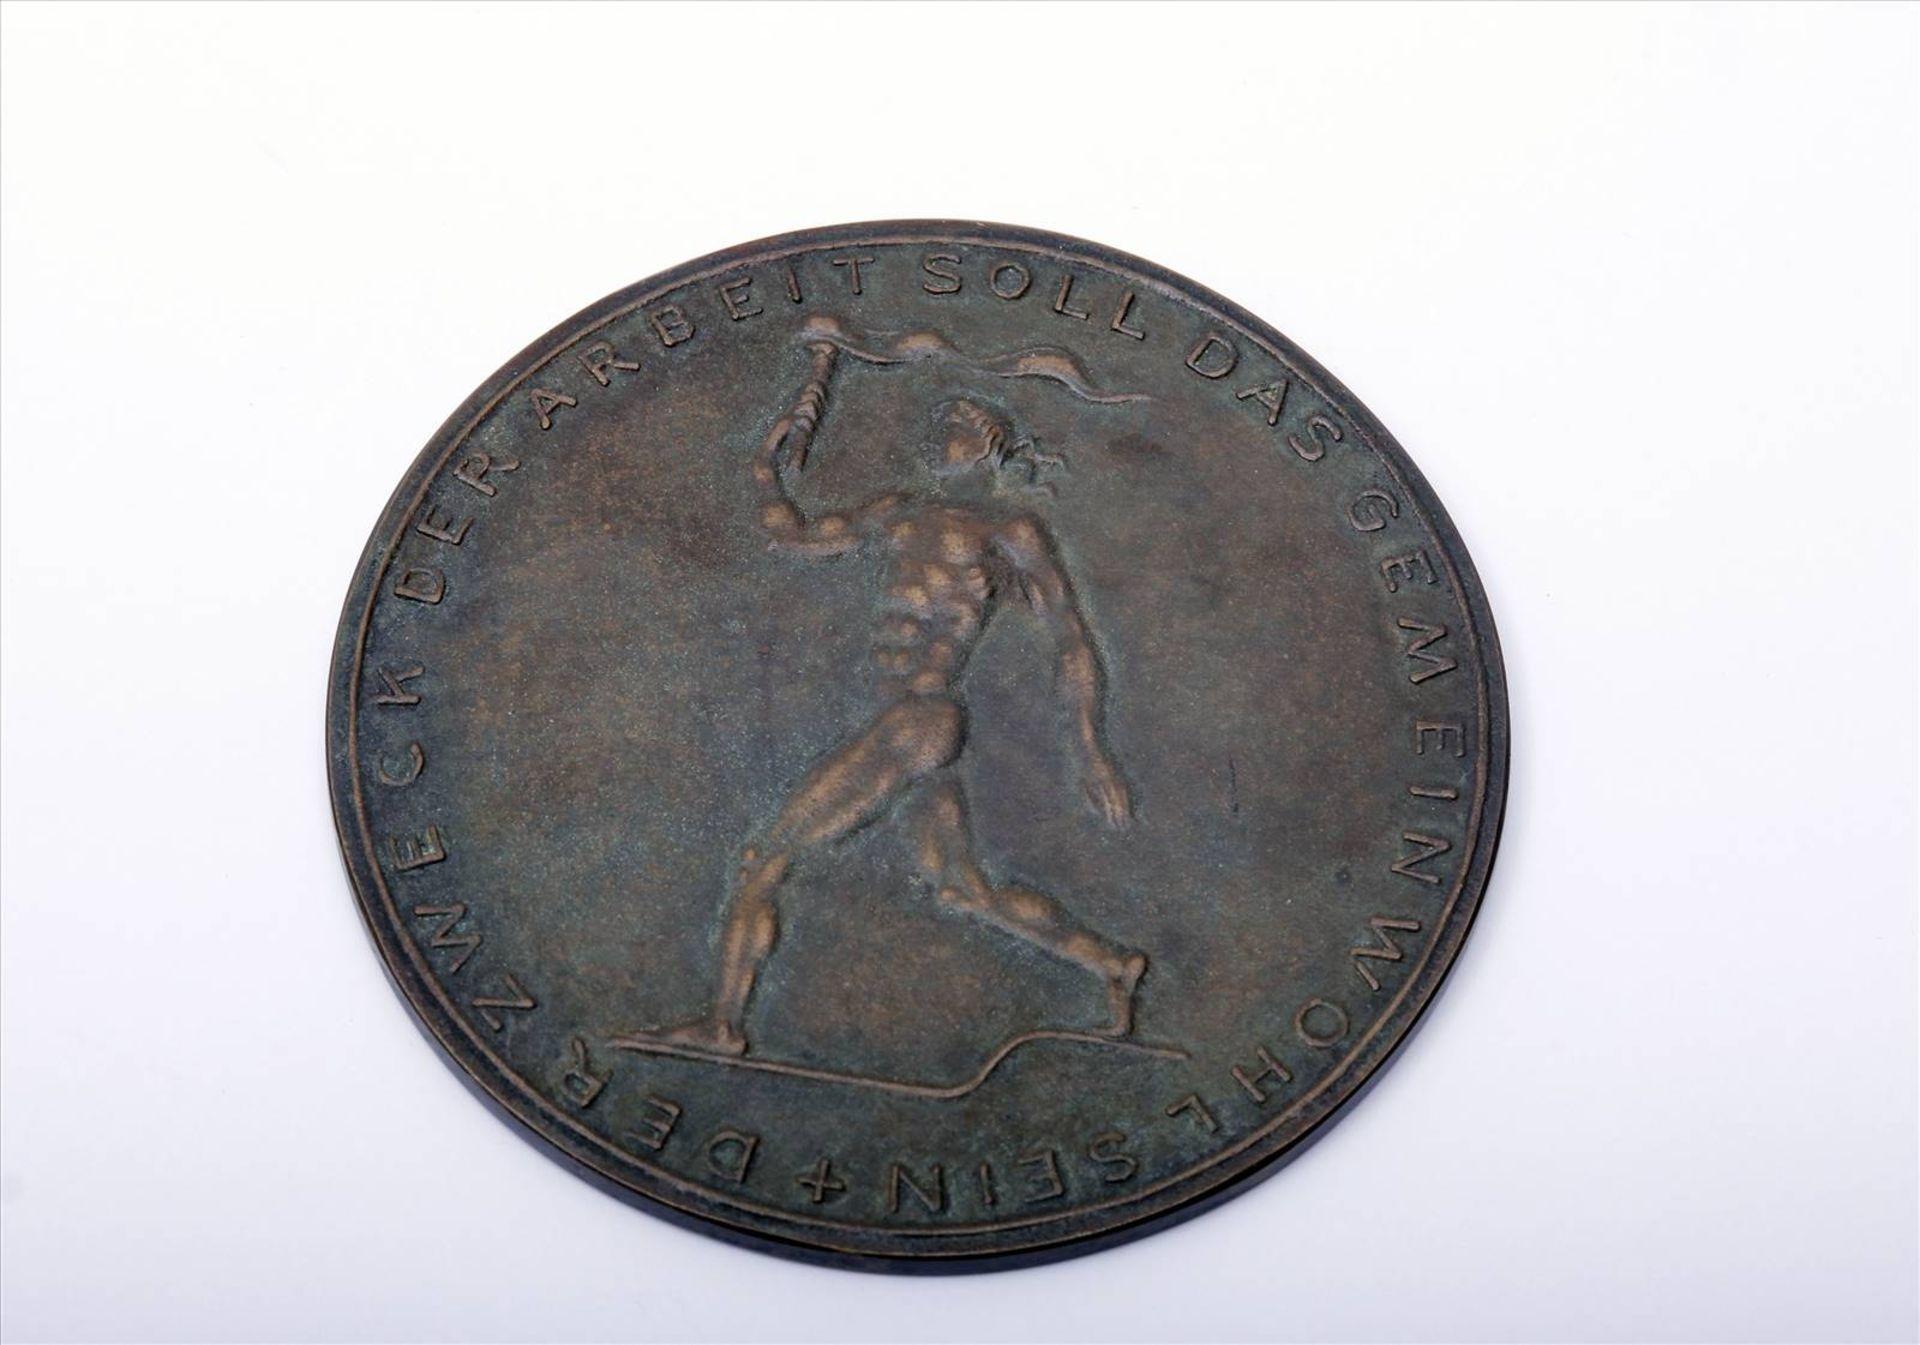 """Medaille """"Für Verdienste um die Technik""""Abzeichen mit Miniatur im Etui. Medaille Durchmesser 90 - Bild 3 aus 7"""